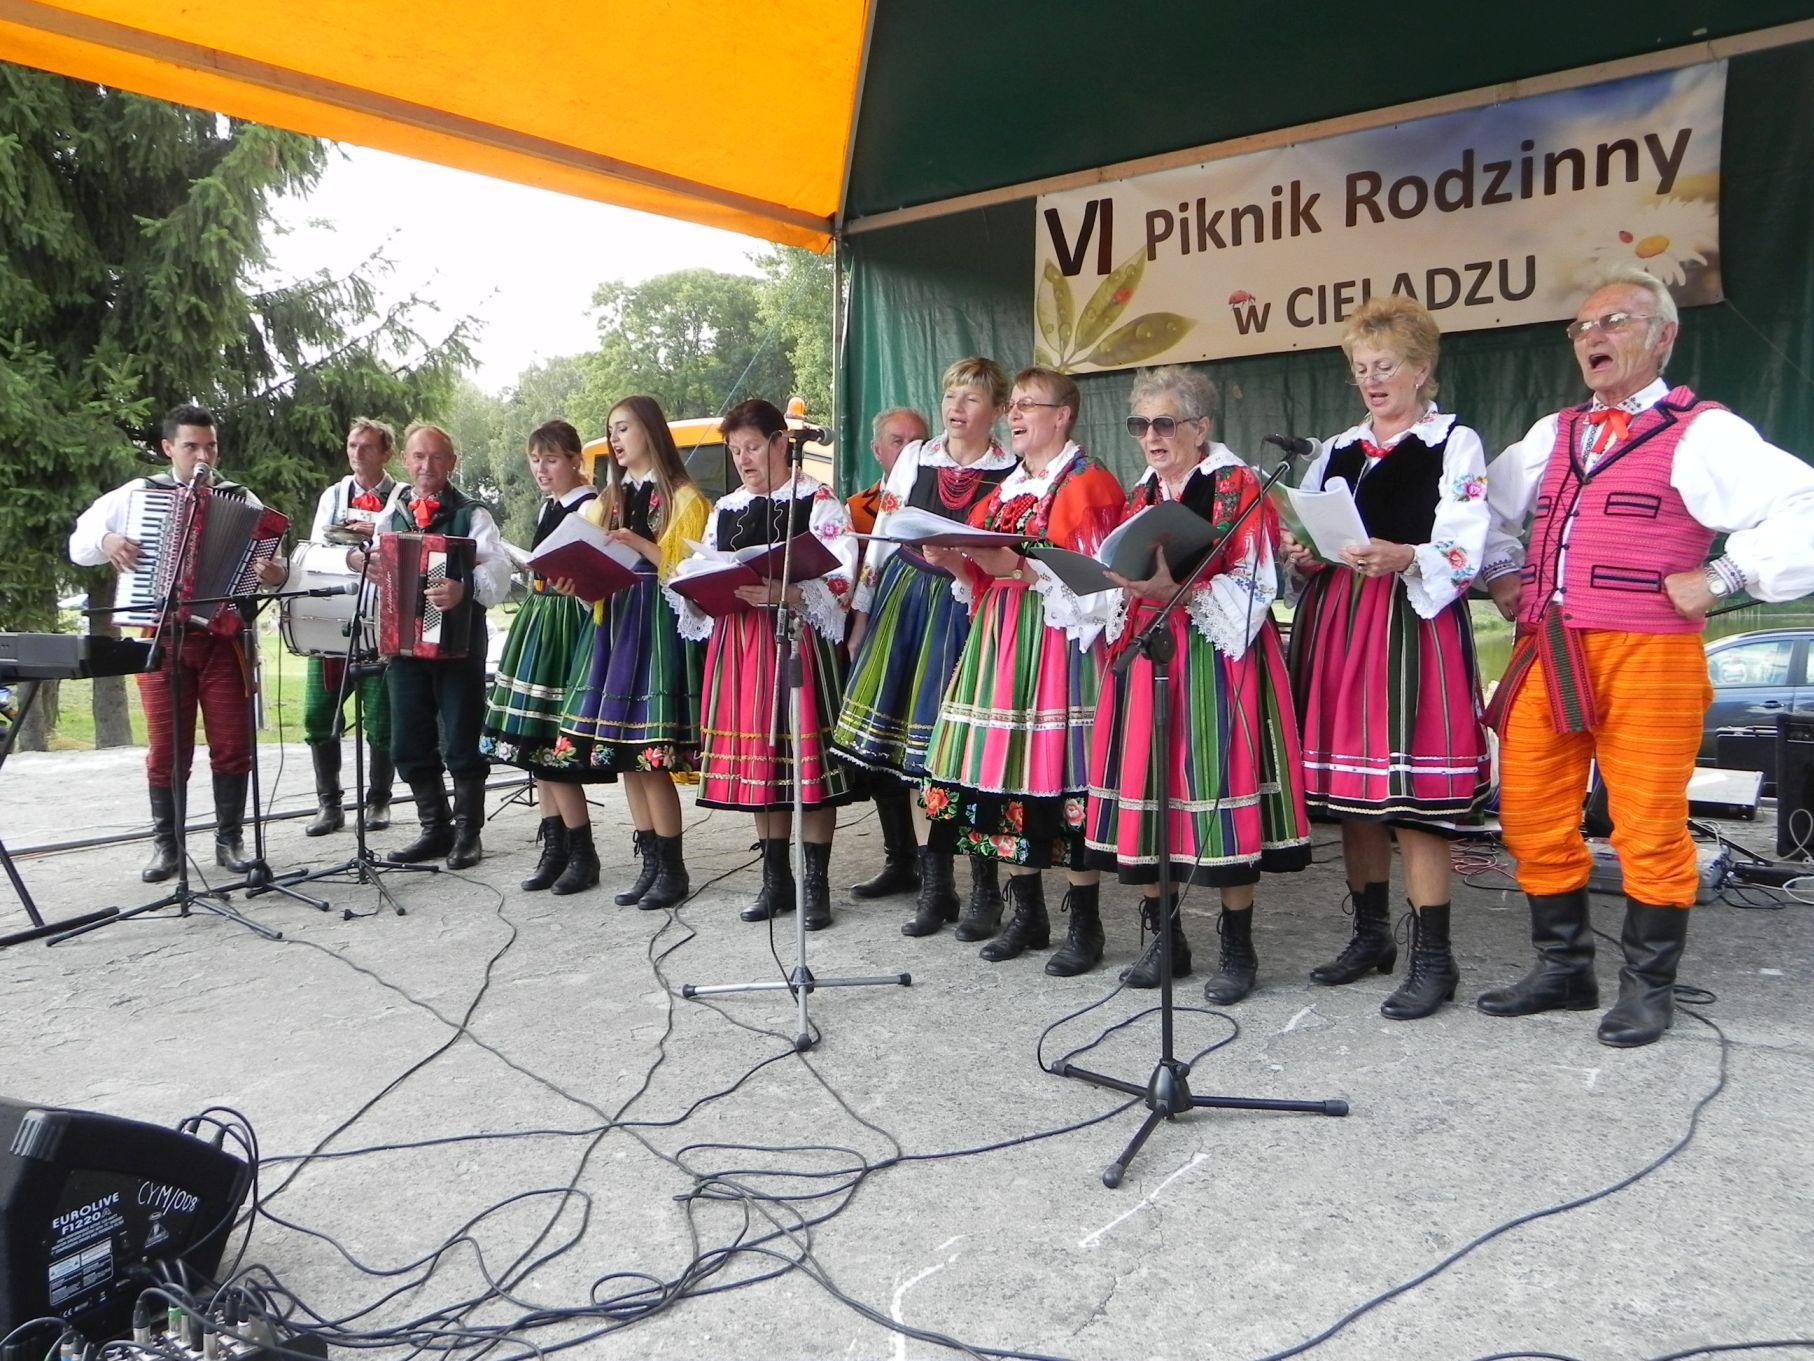 2013-08-18 Cielądz piknik (22)